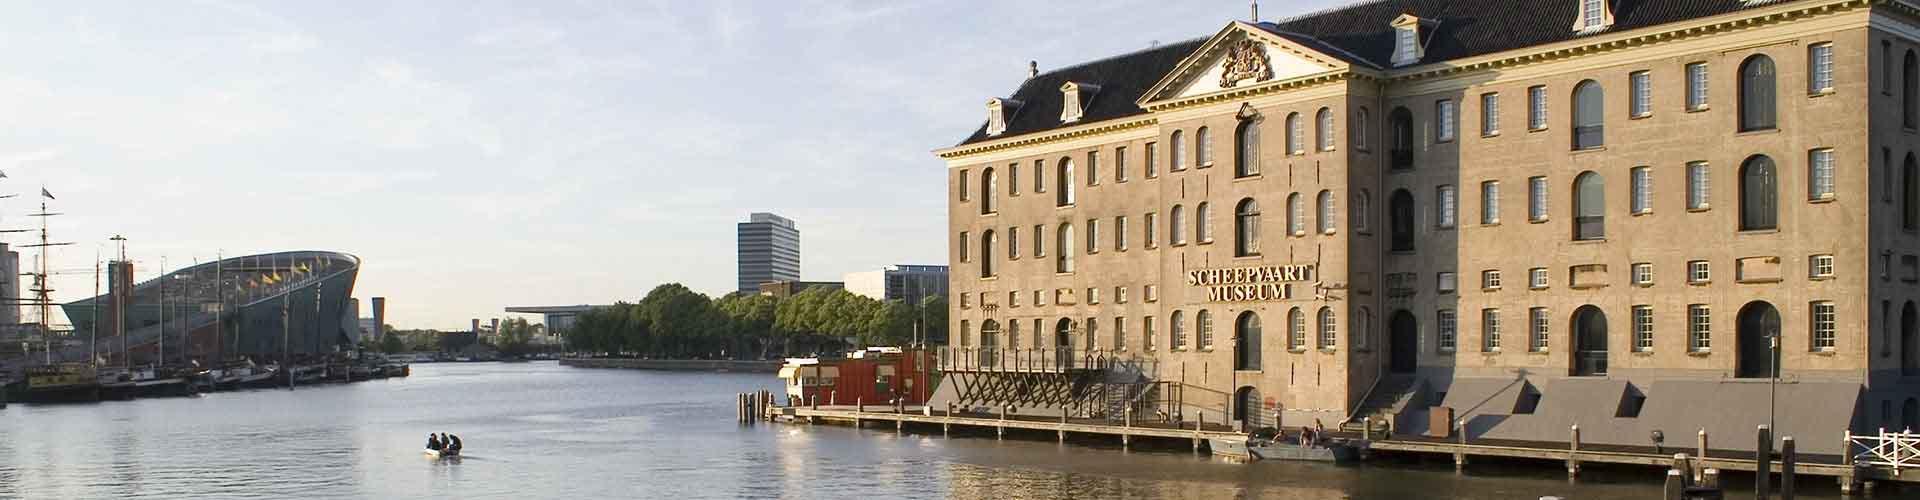 암스테르담 - 네덜란드 국립해양 역사박물관에 가까운 캠핑장. 암스테르담의 지도, 암스테르담에 위치한 캠핑장에 대한 사진 및 리뷰.